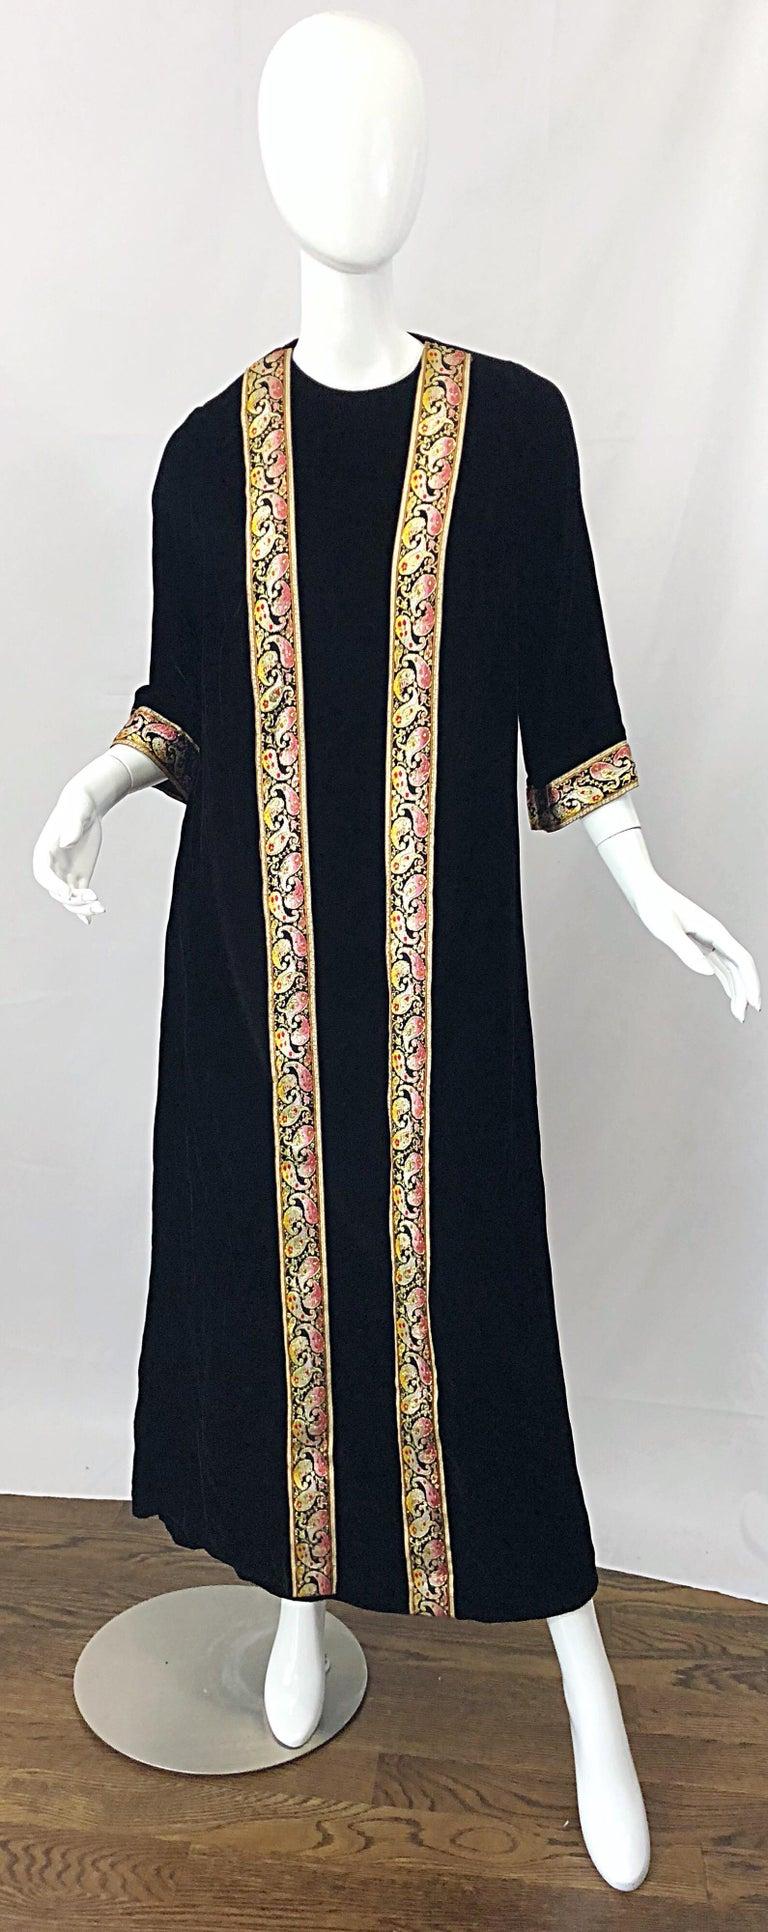 1960s Bonwit Teller Black Velvet Paisley Vintage 60s Moroccan Caftan Maxi Dress For Sale 9